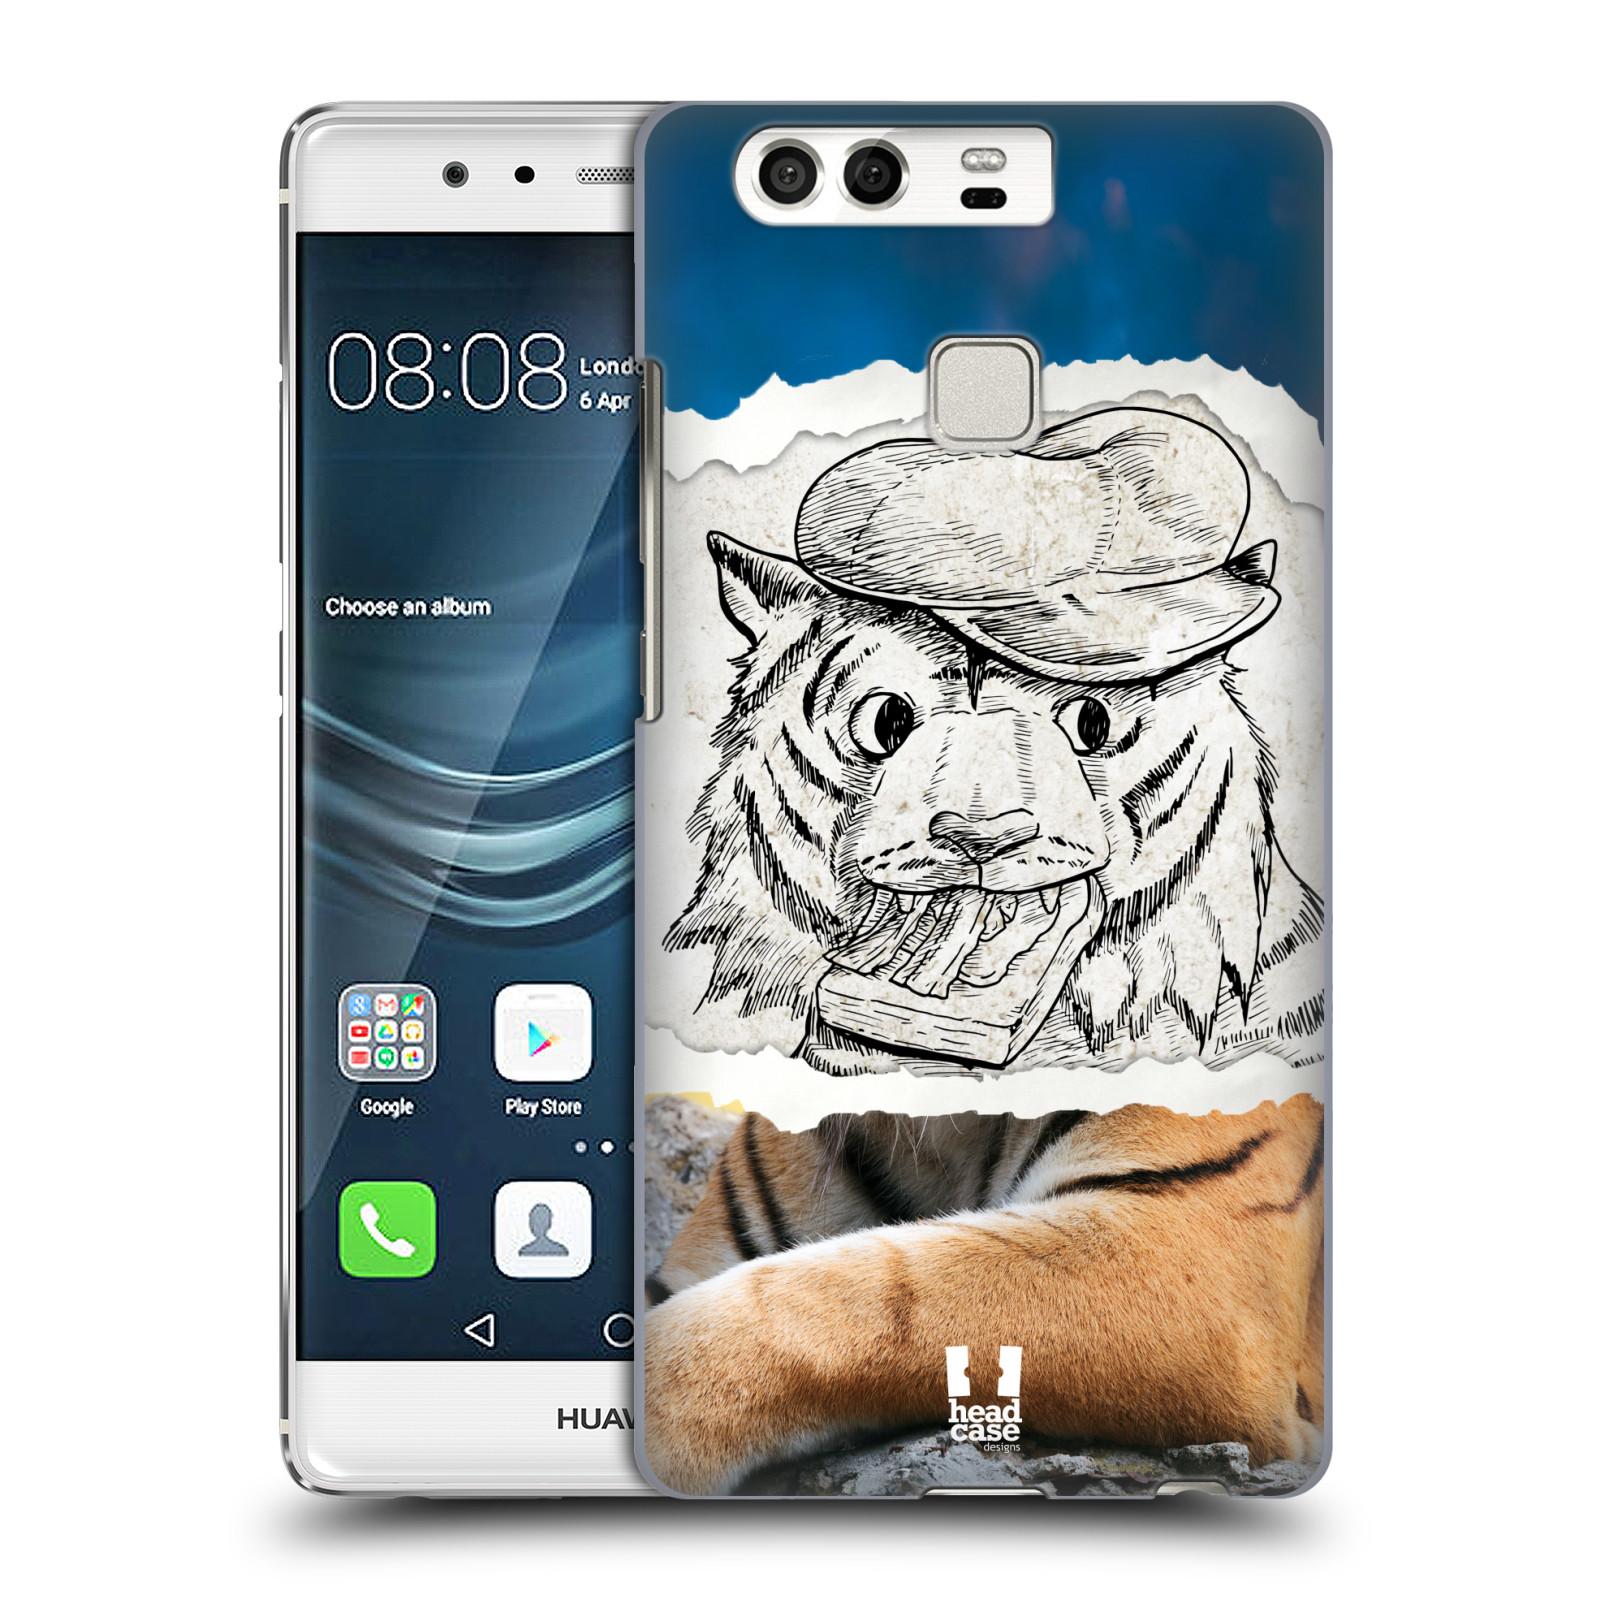 HEAD CASE plastový obal na mobil Huawei P9 / P9 DUAL SIM vzor zvířata koláž tygr fešák